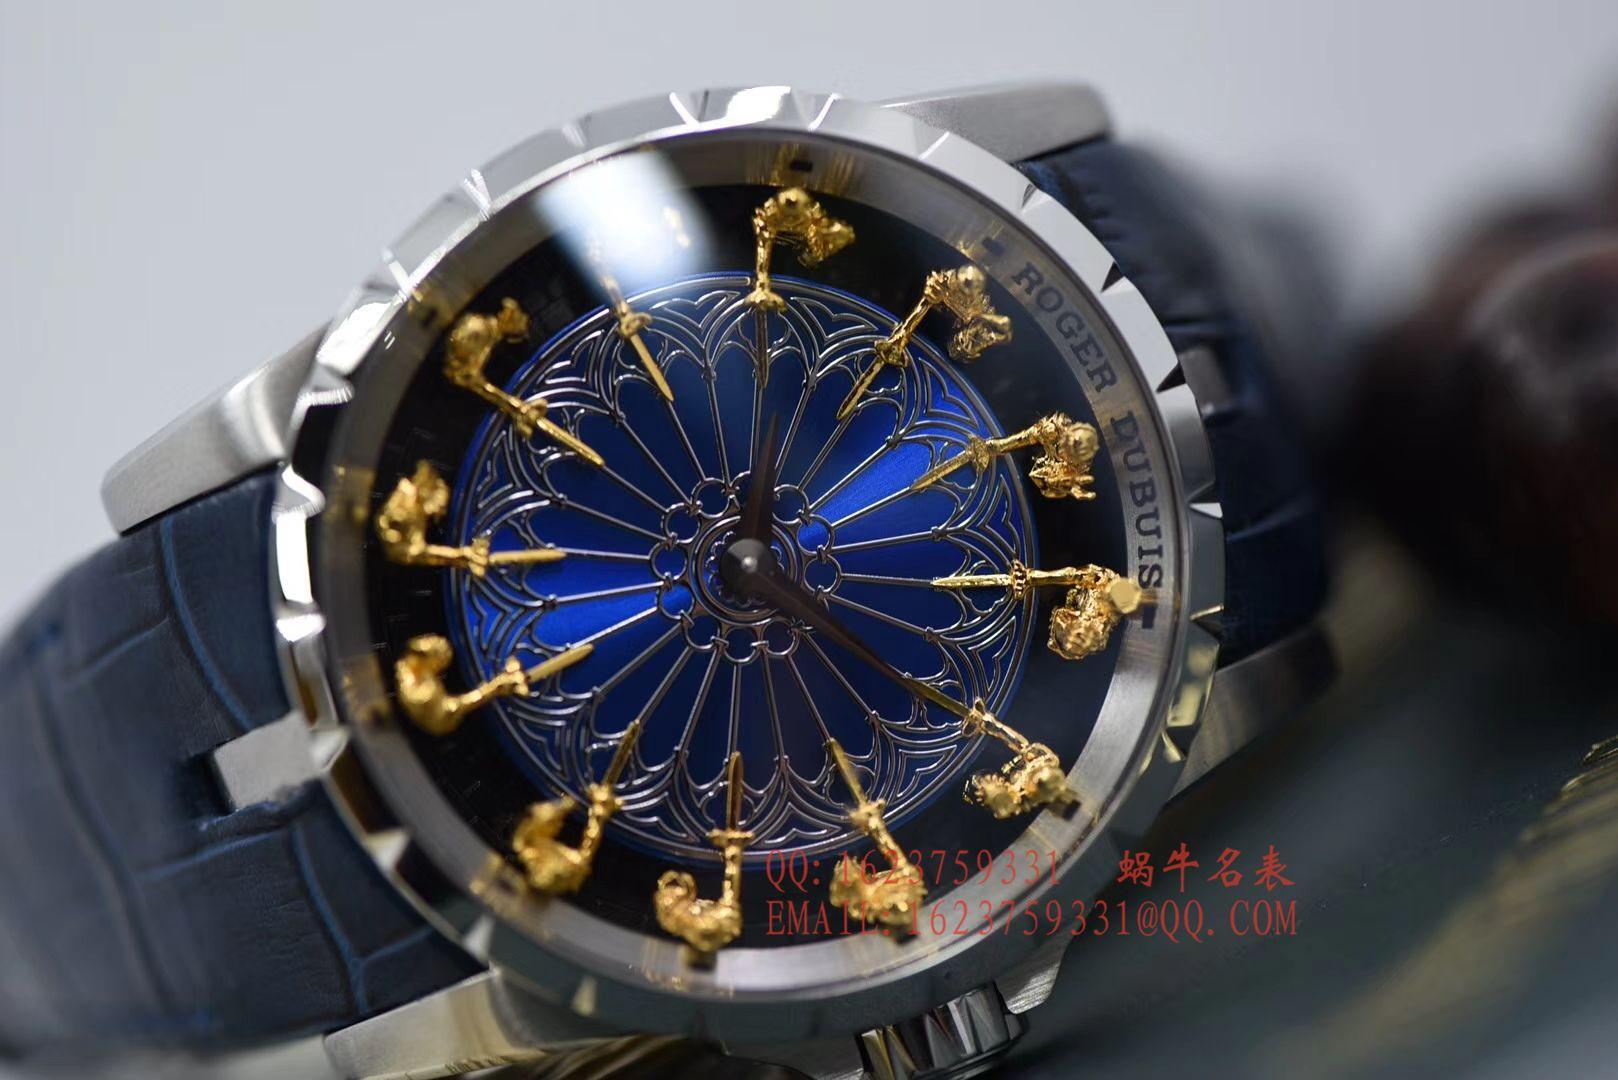 视频评测ZZ厂官网顶级复刻罗杰杜彼王者12圆桌骑士系列RDDBEX0511腕表 / LJ073